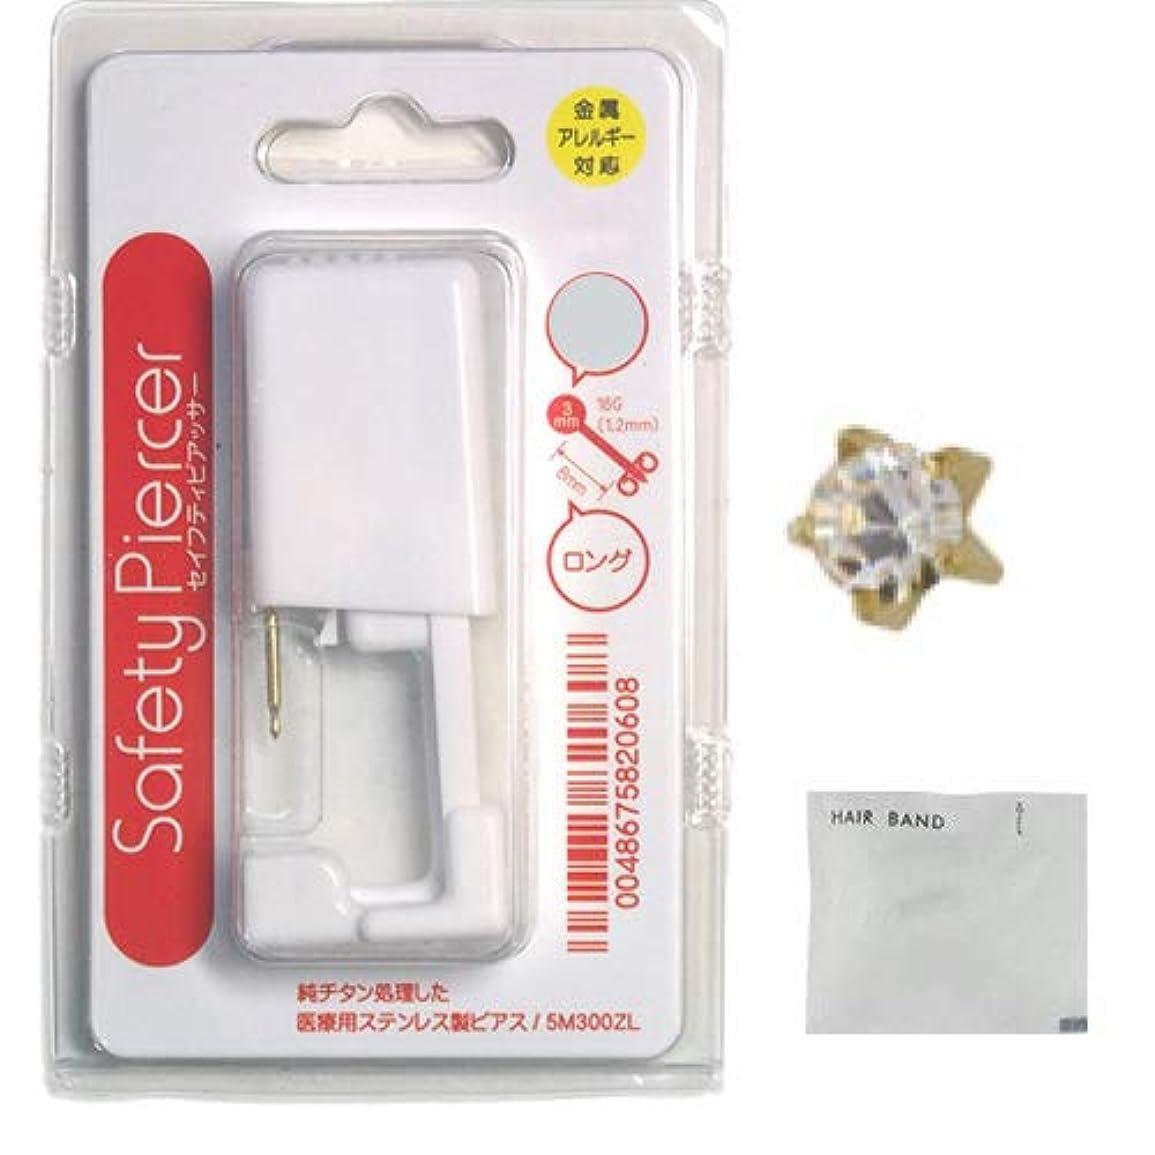 ソート敬礼効率的にセイフティピアッサー シャンパンゴールド チタンロングタイプ(片耳用) 5M104WL 4月ダイヤモンド+ ヘアゴム(カラーはおまかせ)セット